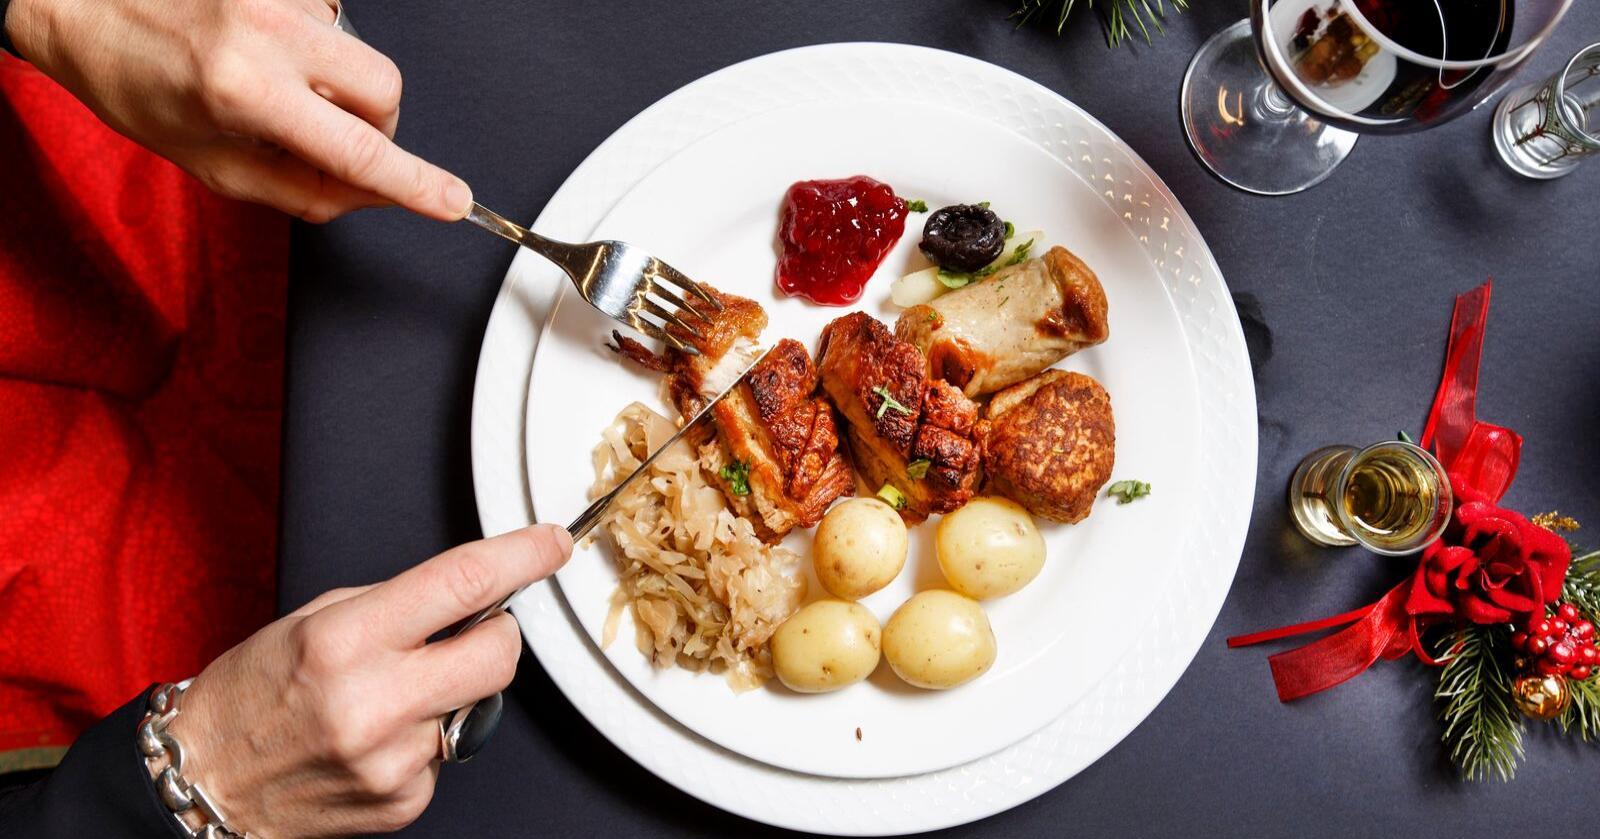 Det var mer populært med juletallerken enn vegetaralternativet på julebordet i Oslo Rådhus. Illustrasjonsfoto: Gorm Kallestad / NTB scanpix